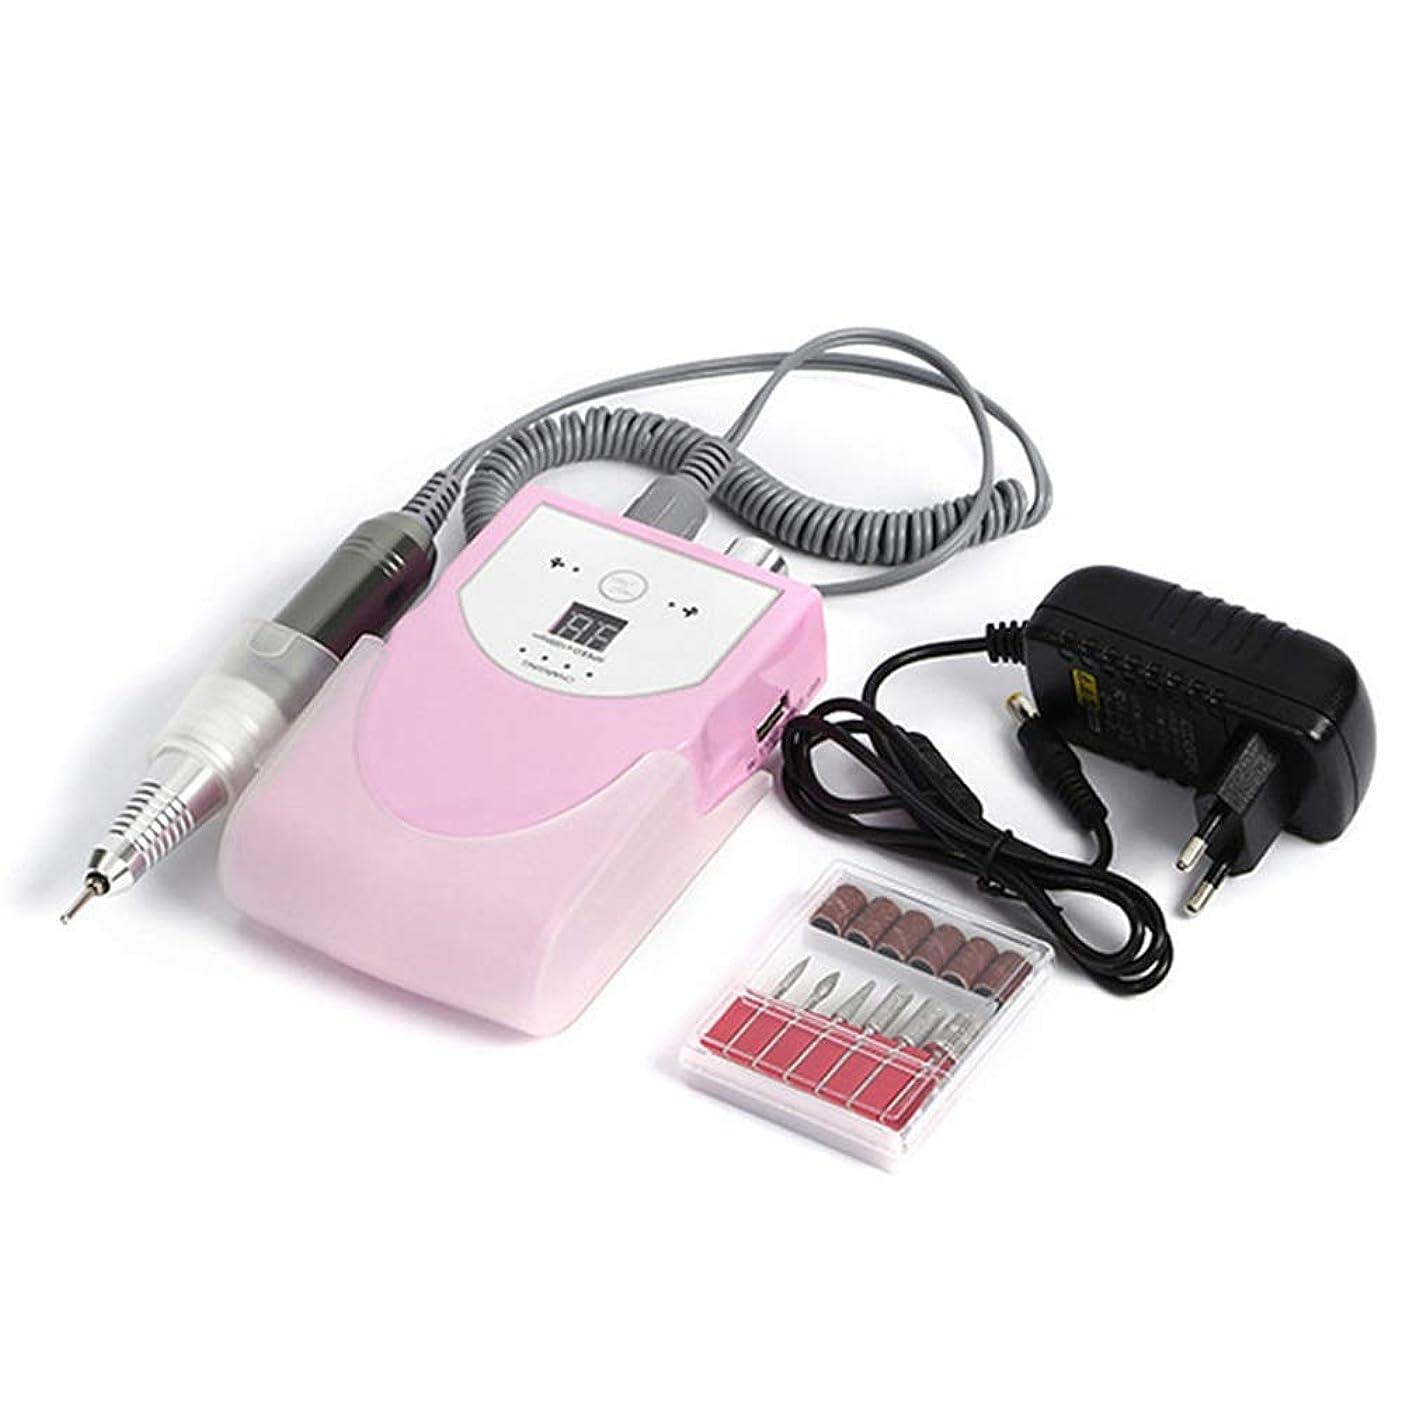 自動障害者年金受給者30000 rpmポータブル電気ネイルドリルマシンマニキュア充電式コードレスマニキュアペディキュアセット用ネイル機器、ピンク